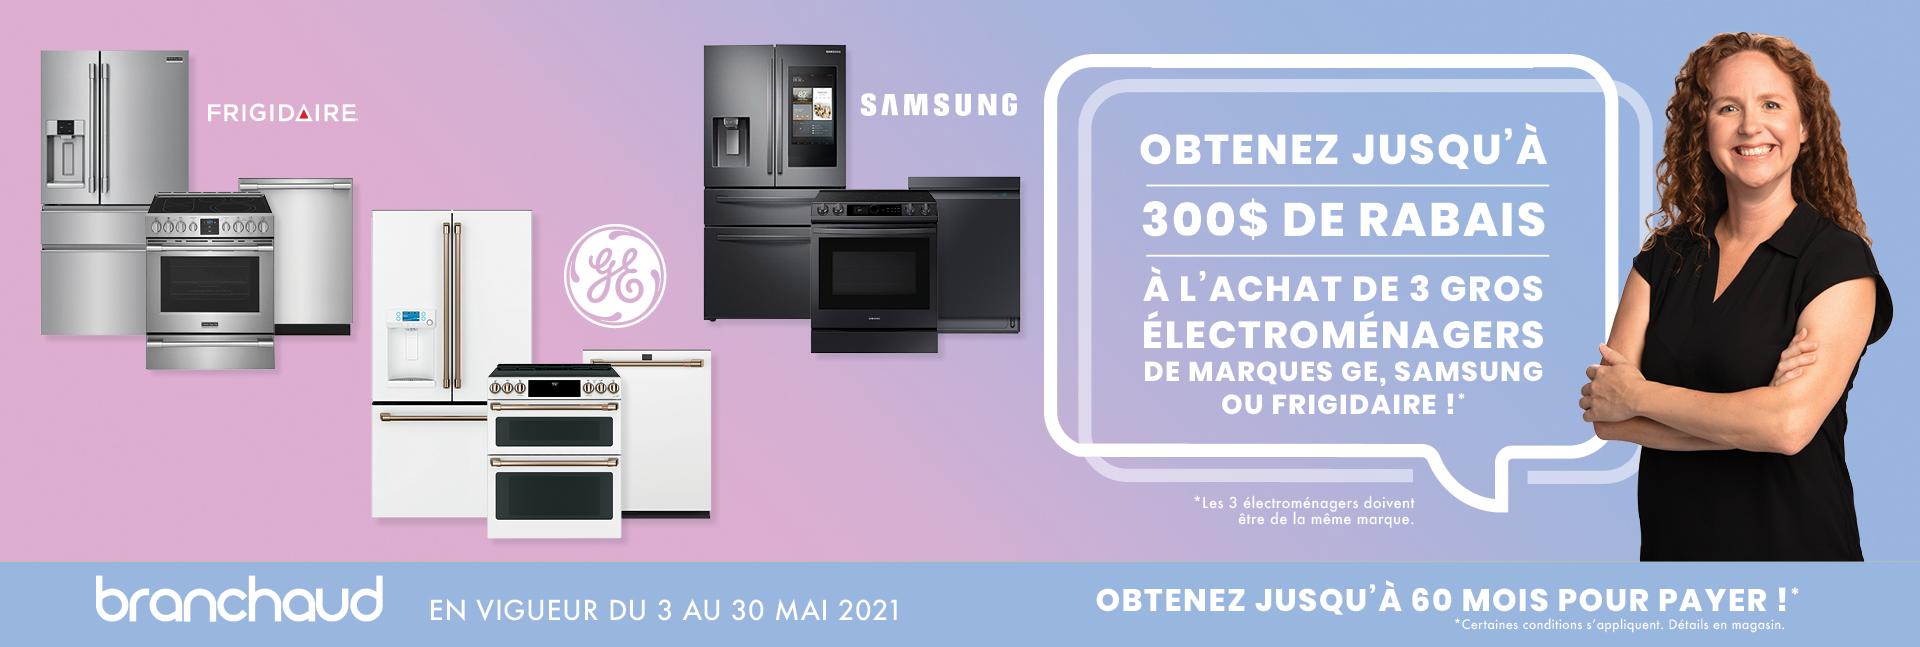 Branchaud - En vigueur du 3 au 30 mai 2021